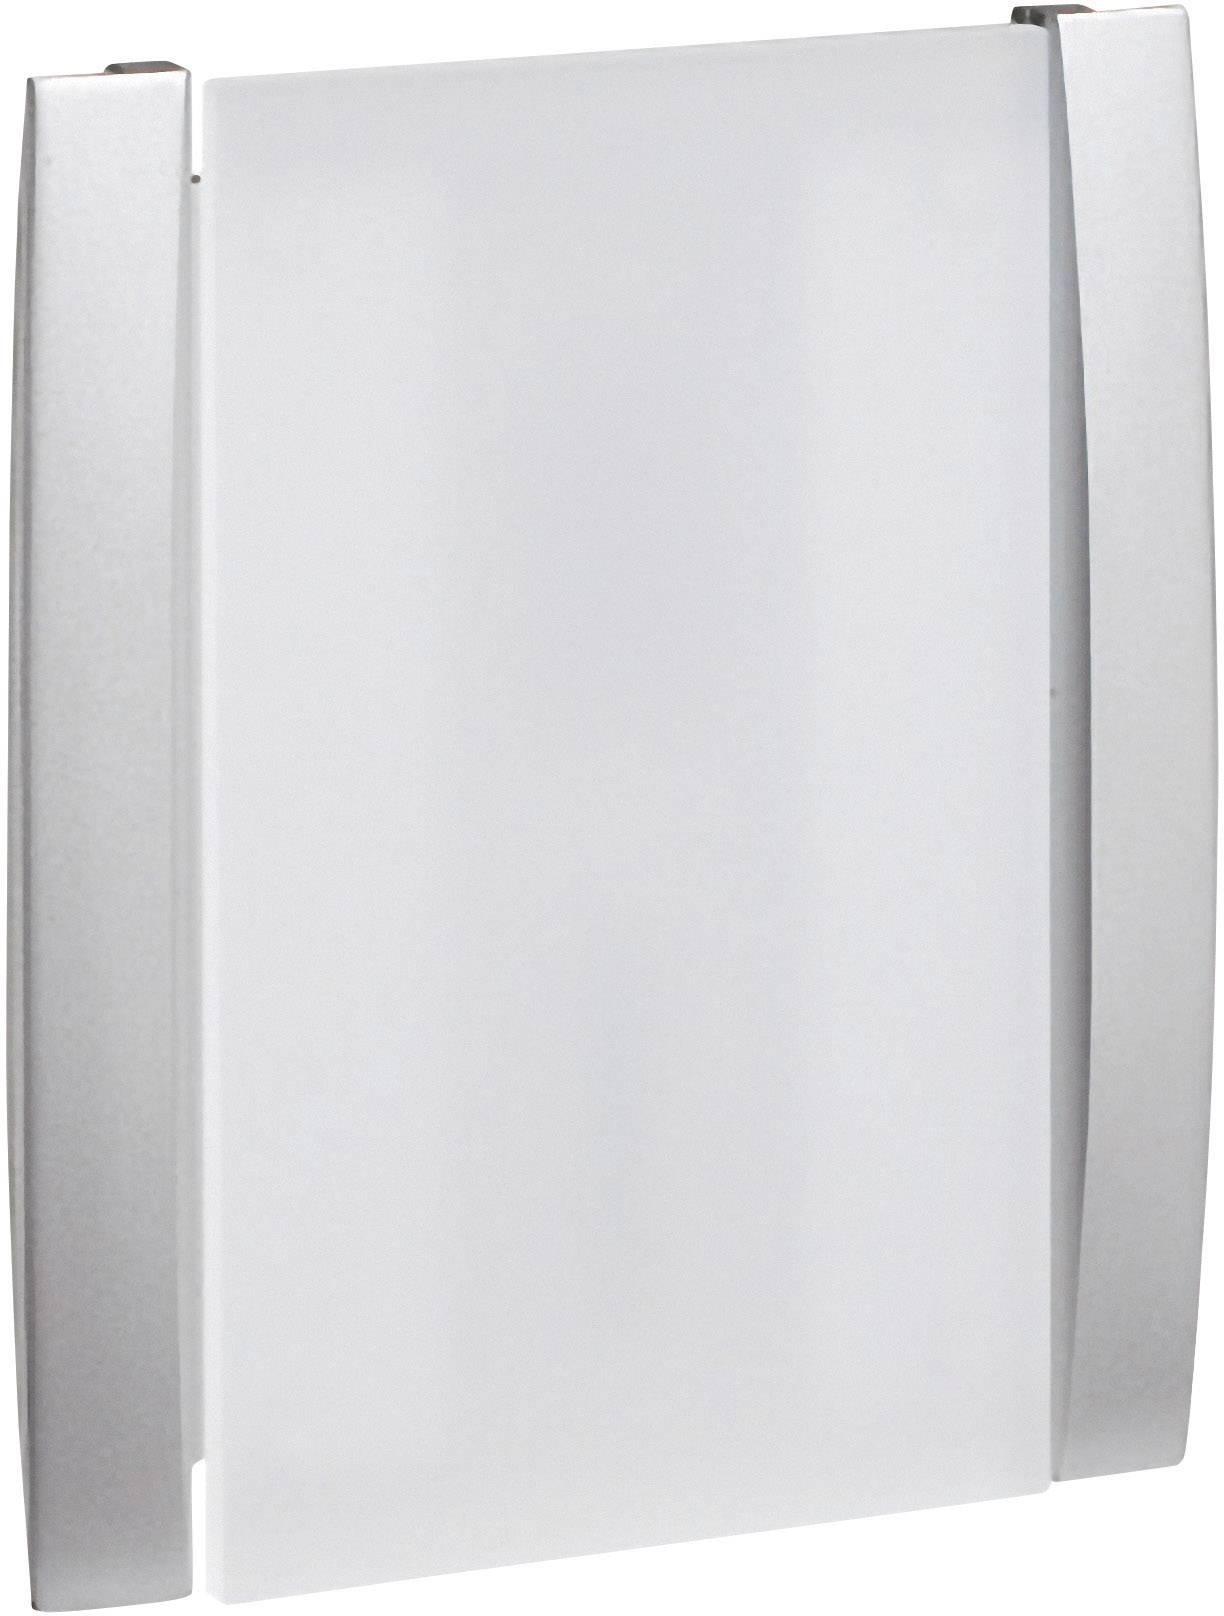 Elektrický gong Grothe Croma 100A, 43170, 8 V - 12 V, 86 dBA, stříbrná/šedá